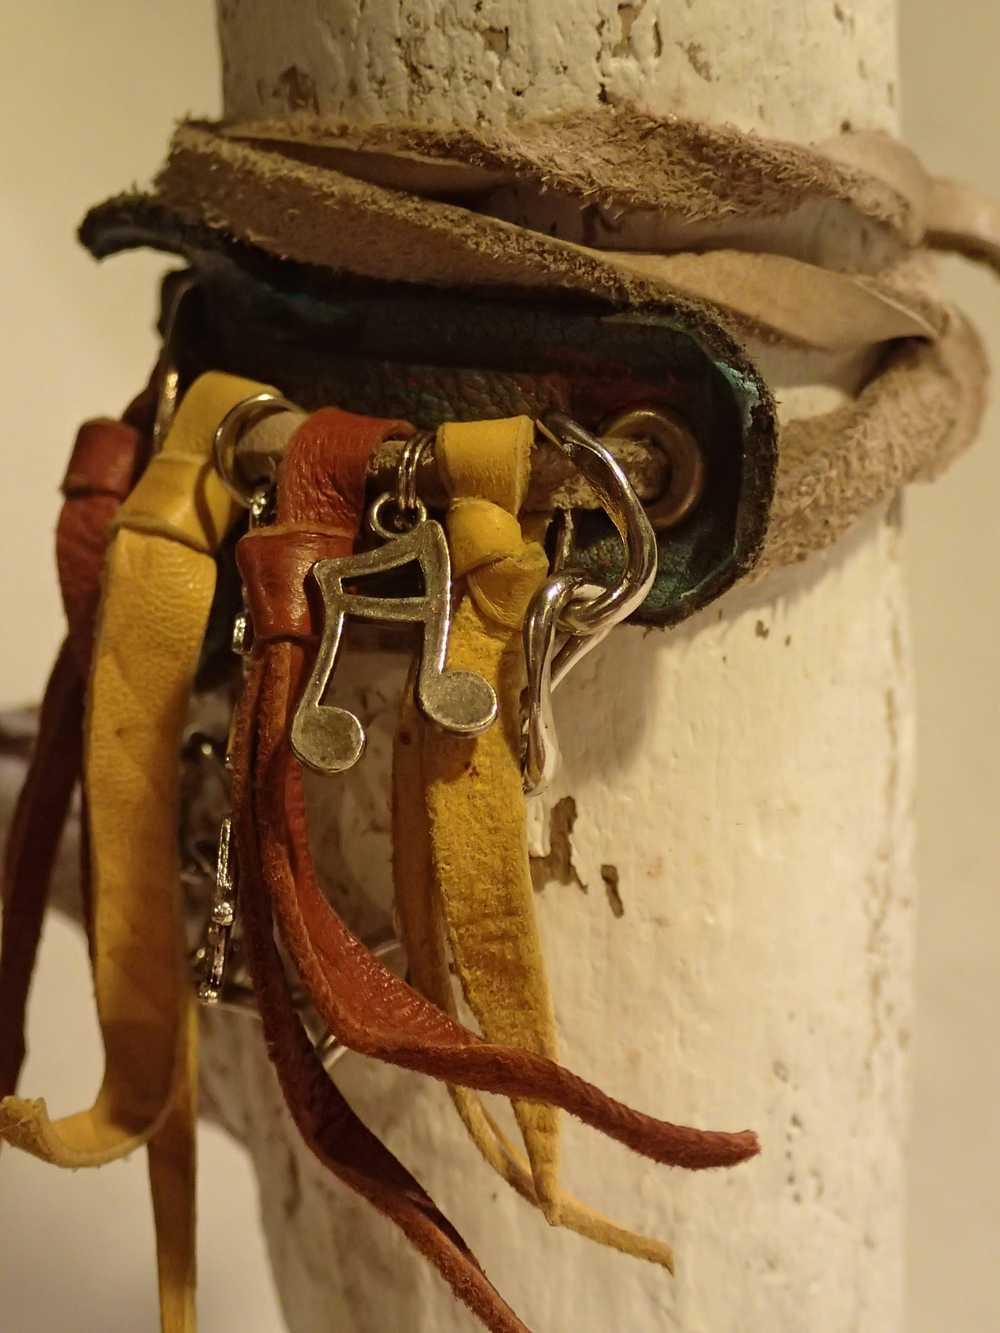 Atome-Crochu-_-product-_-bracelet-en-cuir-franges-kokopelli-note-de-musique-et-peace-and-love-02